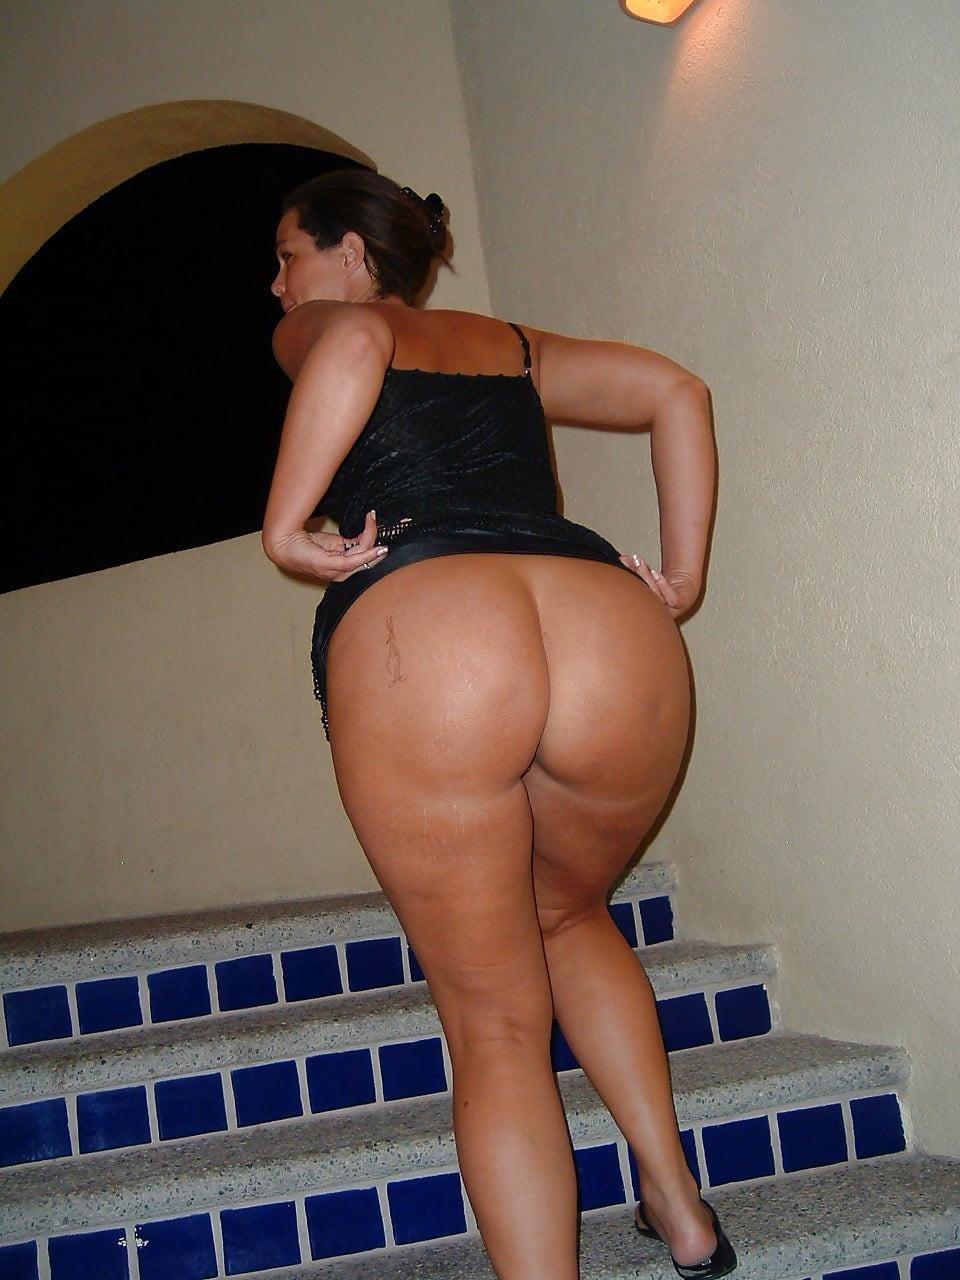 Public up skirt no panties-9423